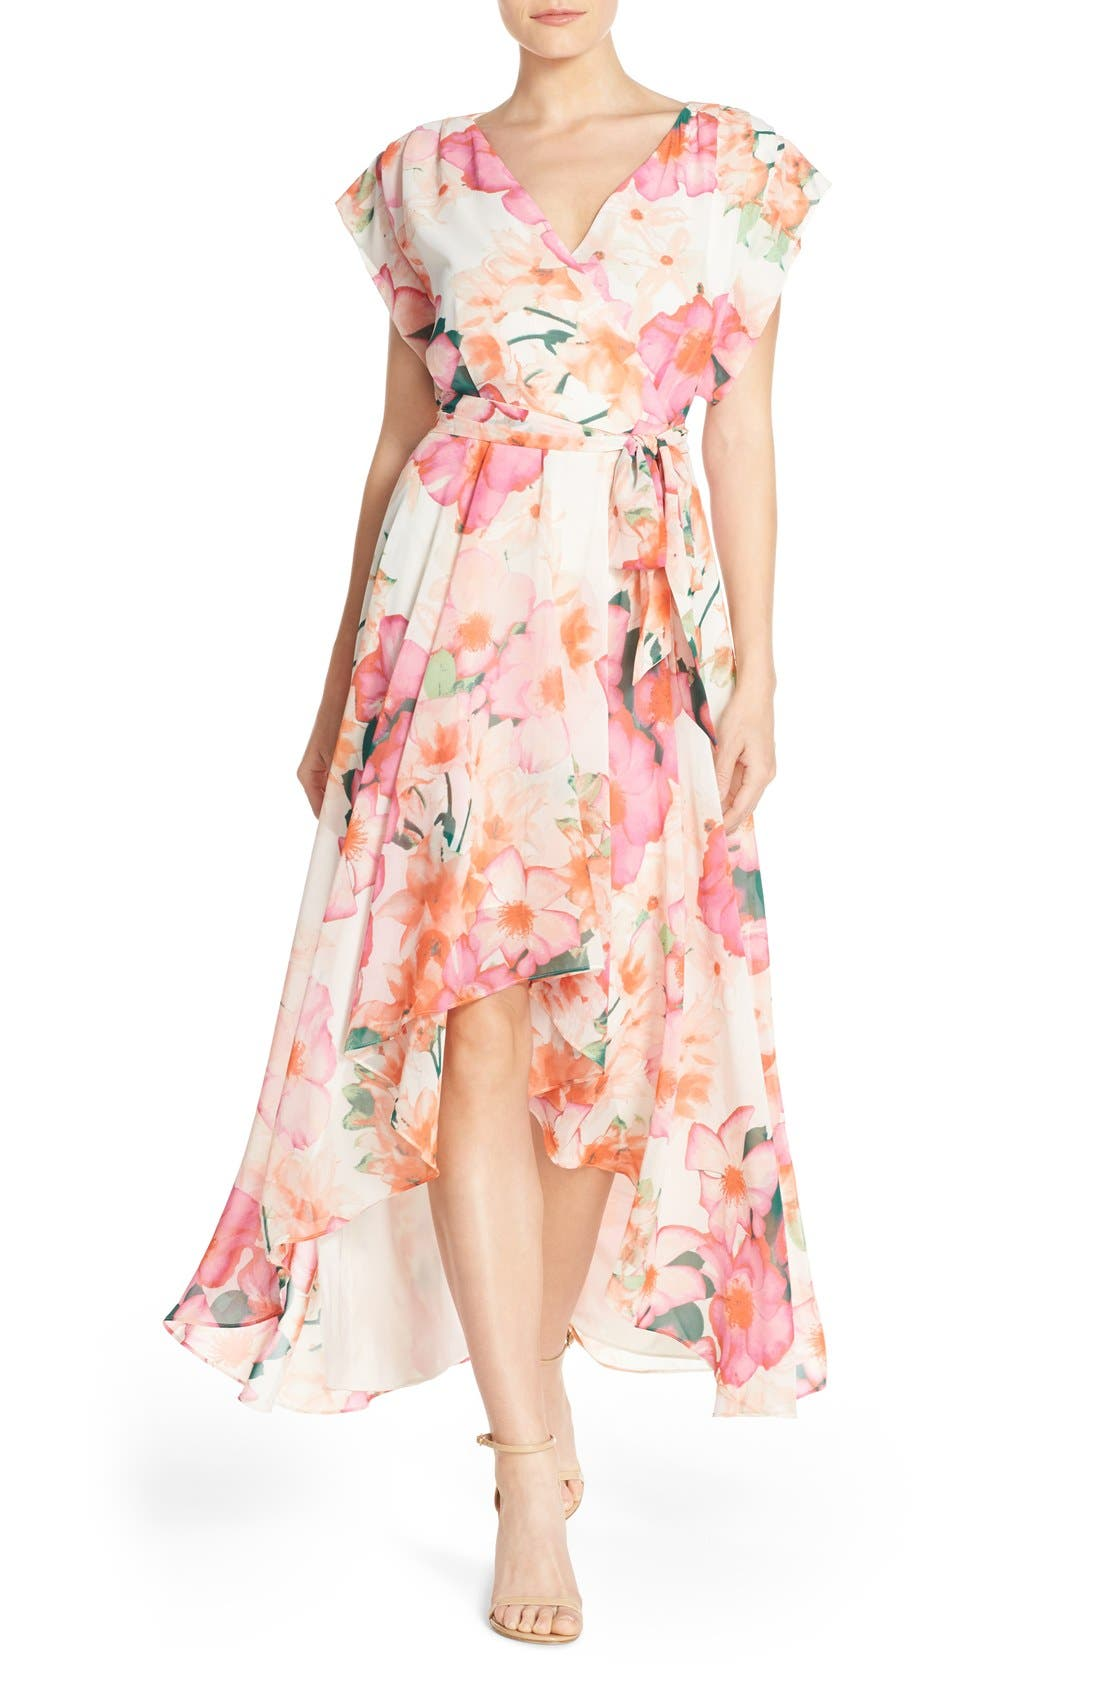 ELIZA J, Floral Print Gown, Main thumbnail 1, color, 653